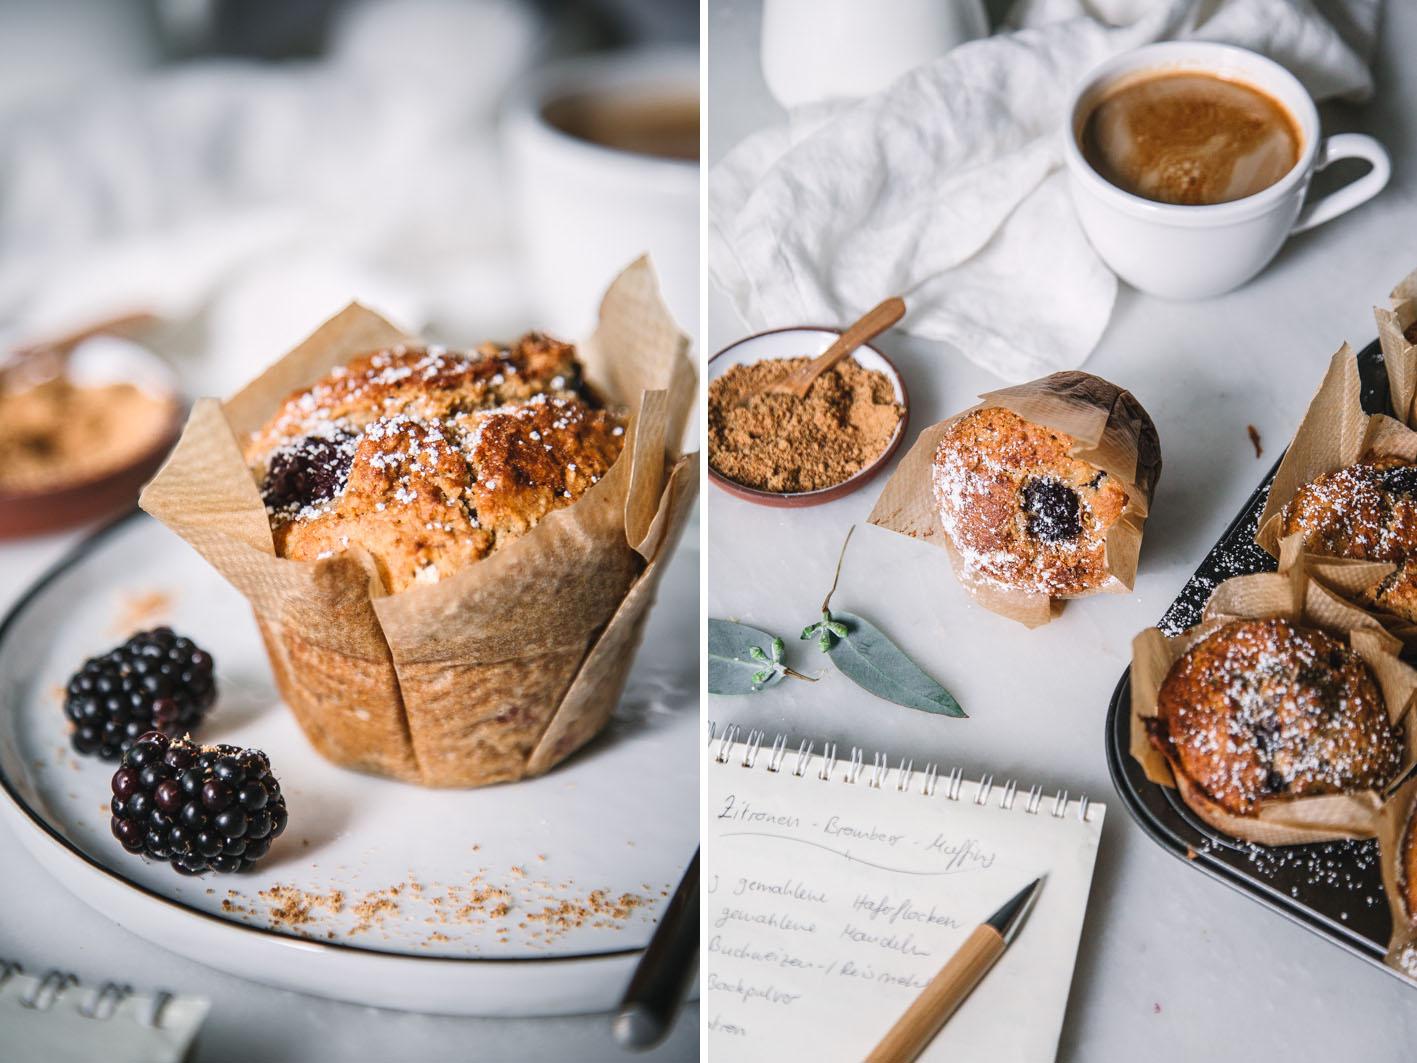 Saftige Brombeer-Zitronen-Muffins